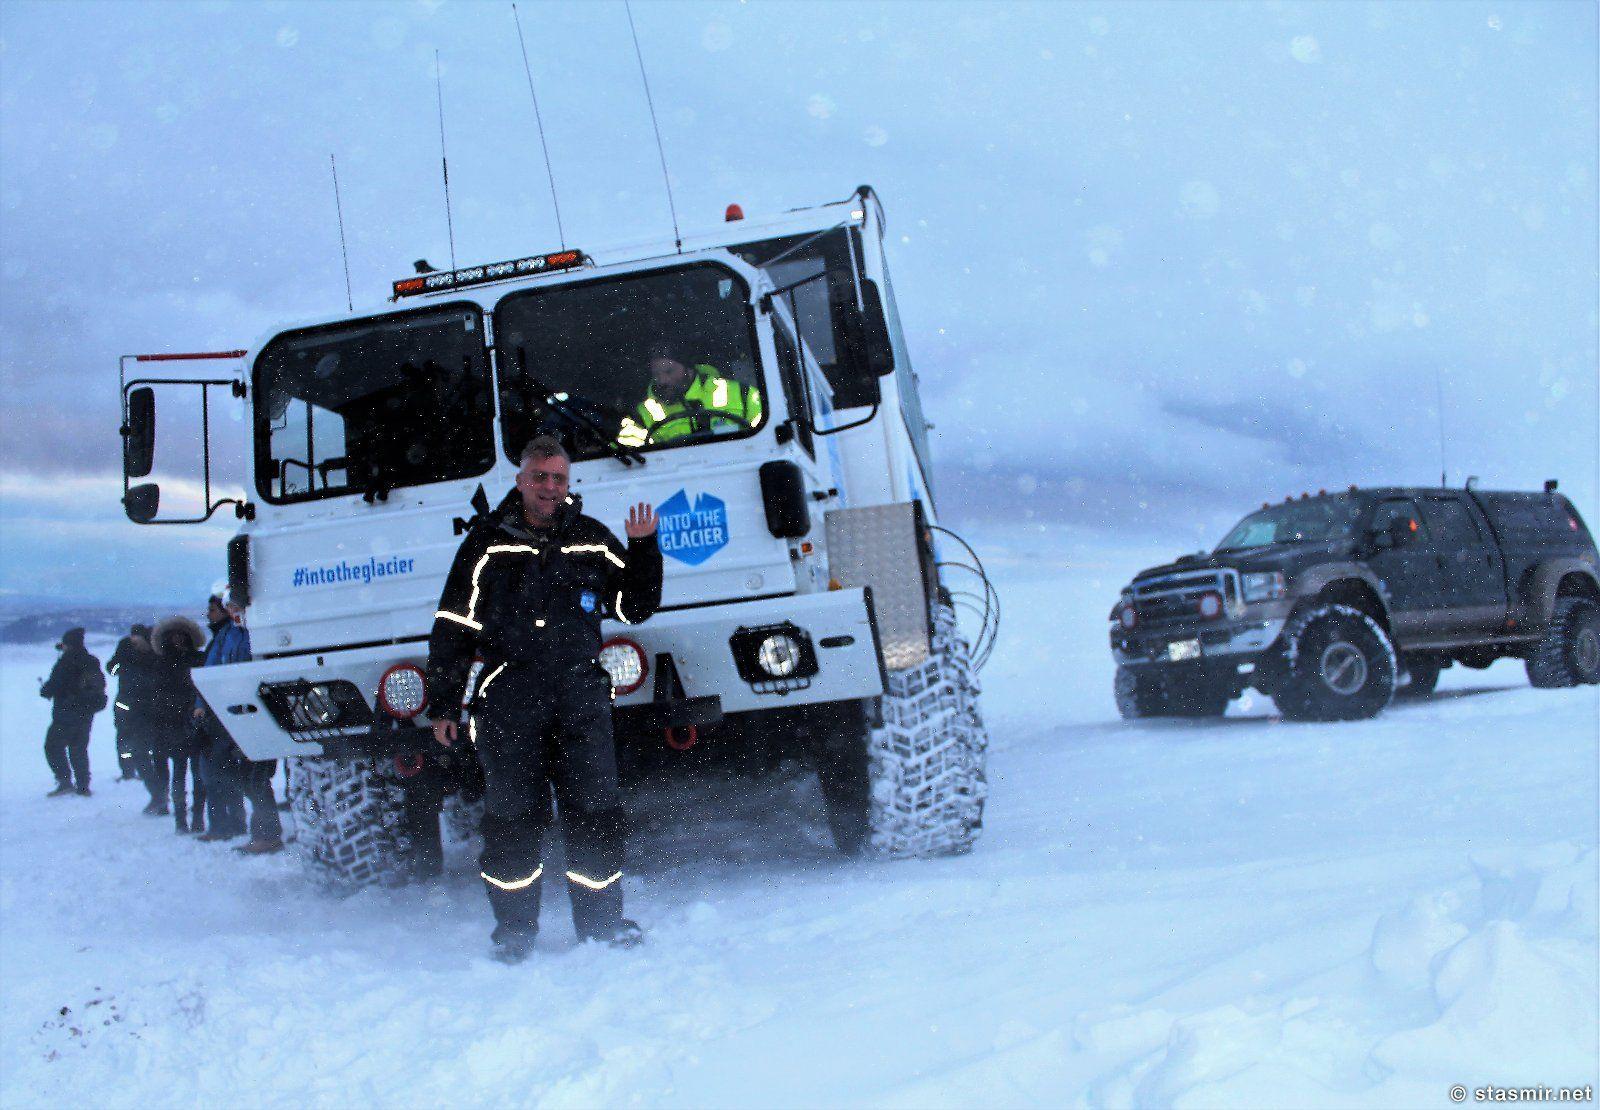 супергрузовик МАН в Исландии, фотографии тура Into the Glacier, photo Stasmir, фото Стасмир